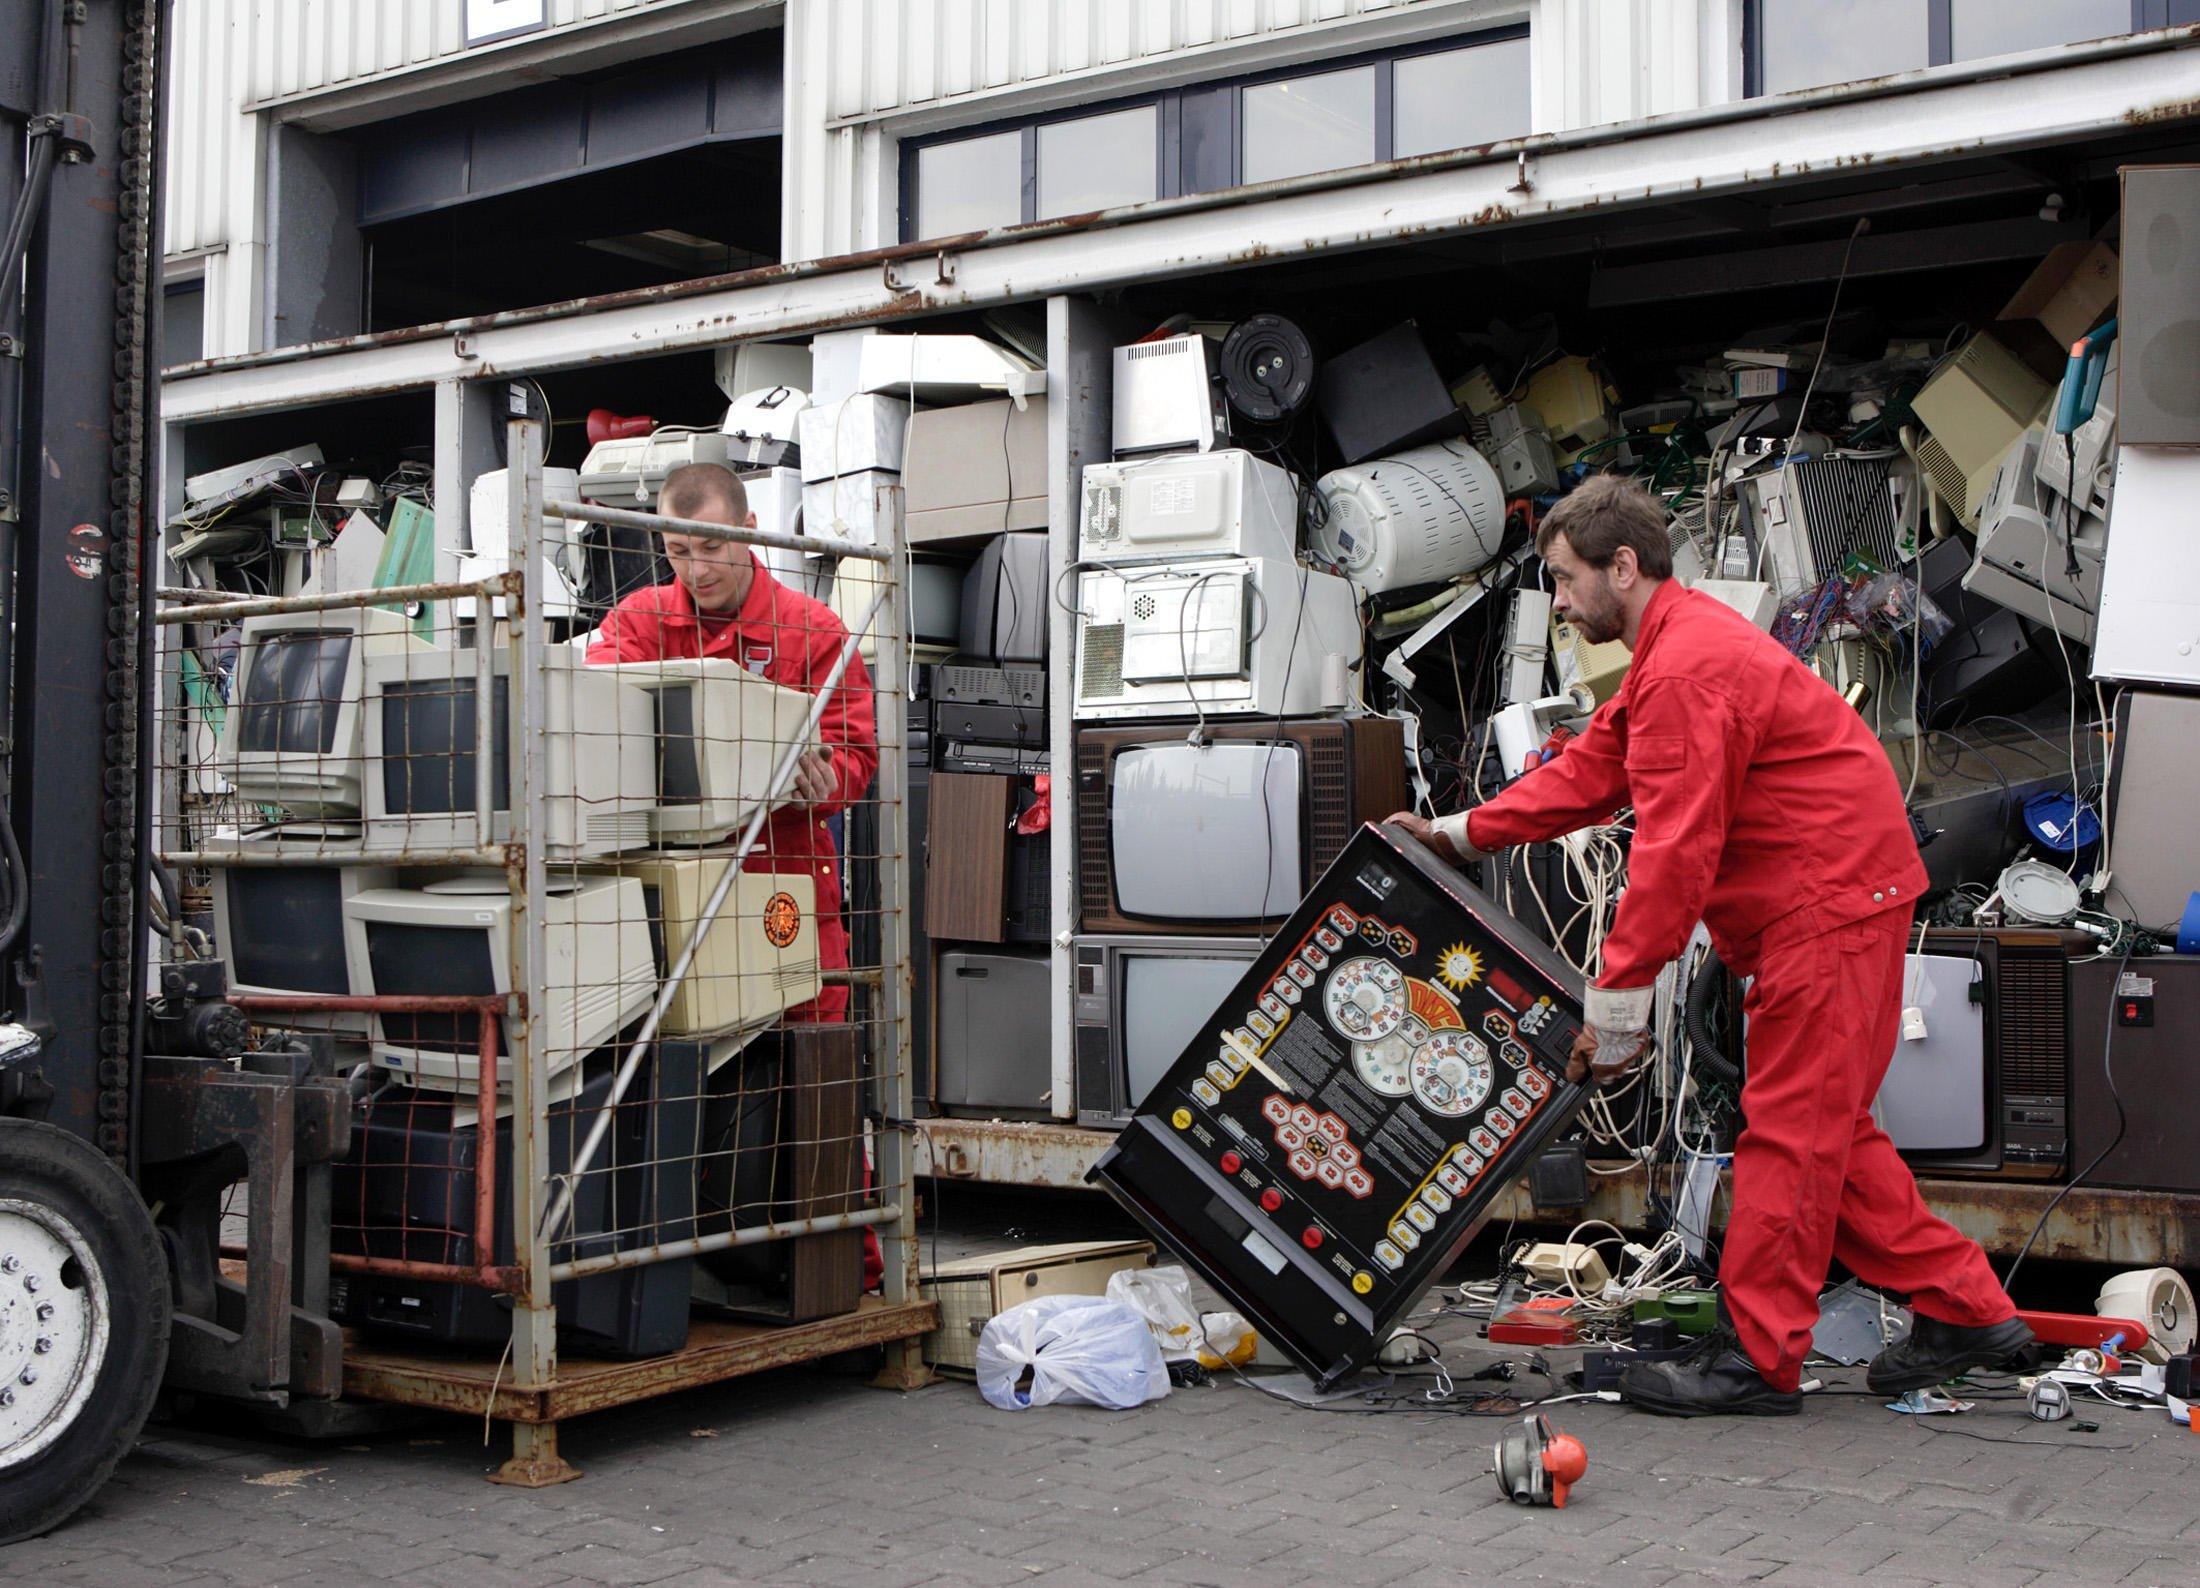 Sammelstelle für ausrangierte Elektrogeräte: Weltweit entsteht derzeit eine Menge von knapp49 Millionen Tonnen Elektroschrott. Das entspricht dem Gewicht von acht Cheops-Pyramiden.